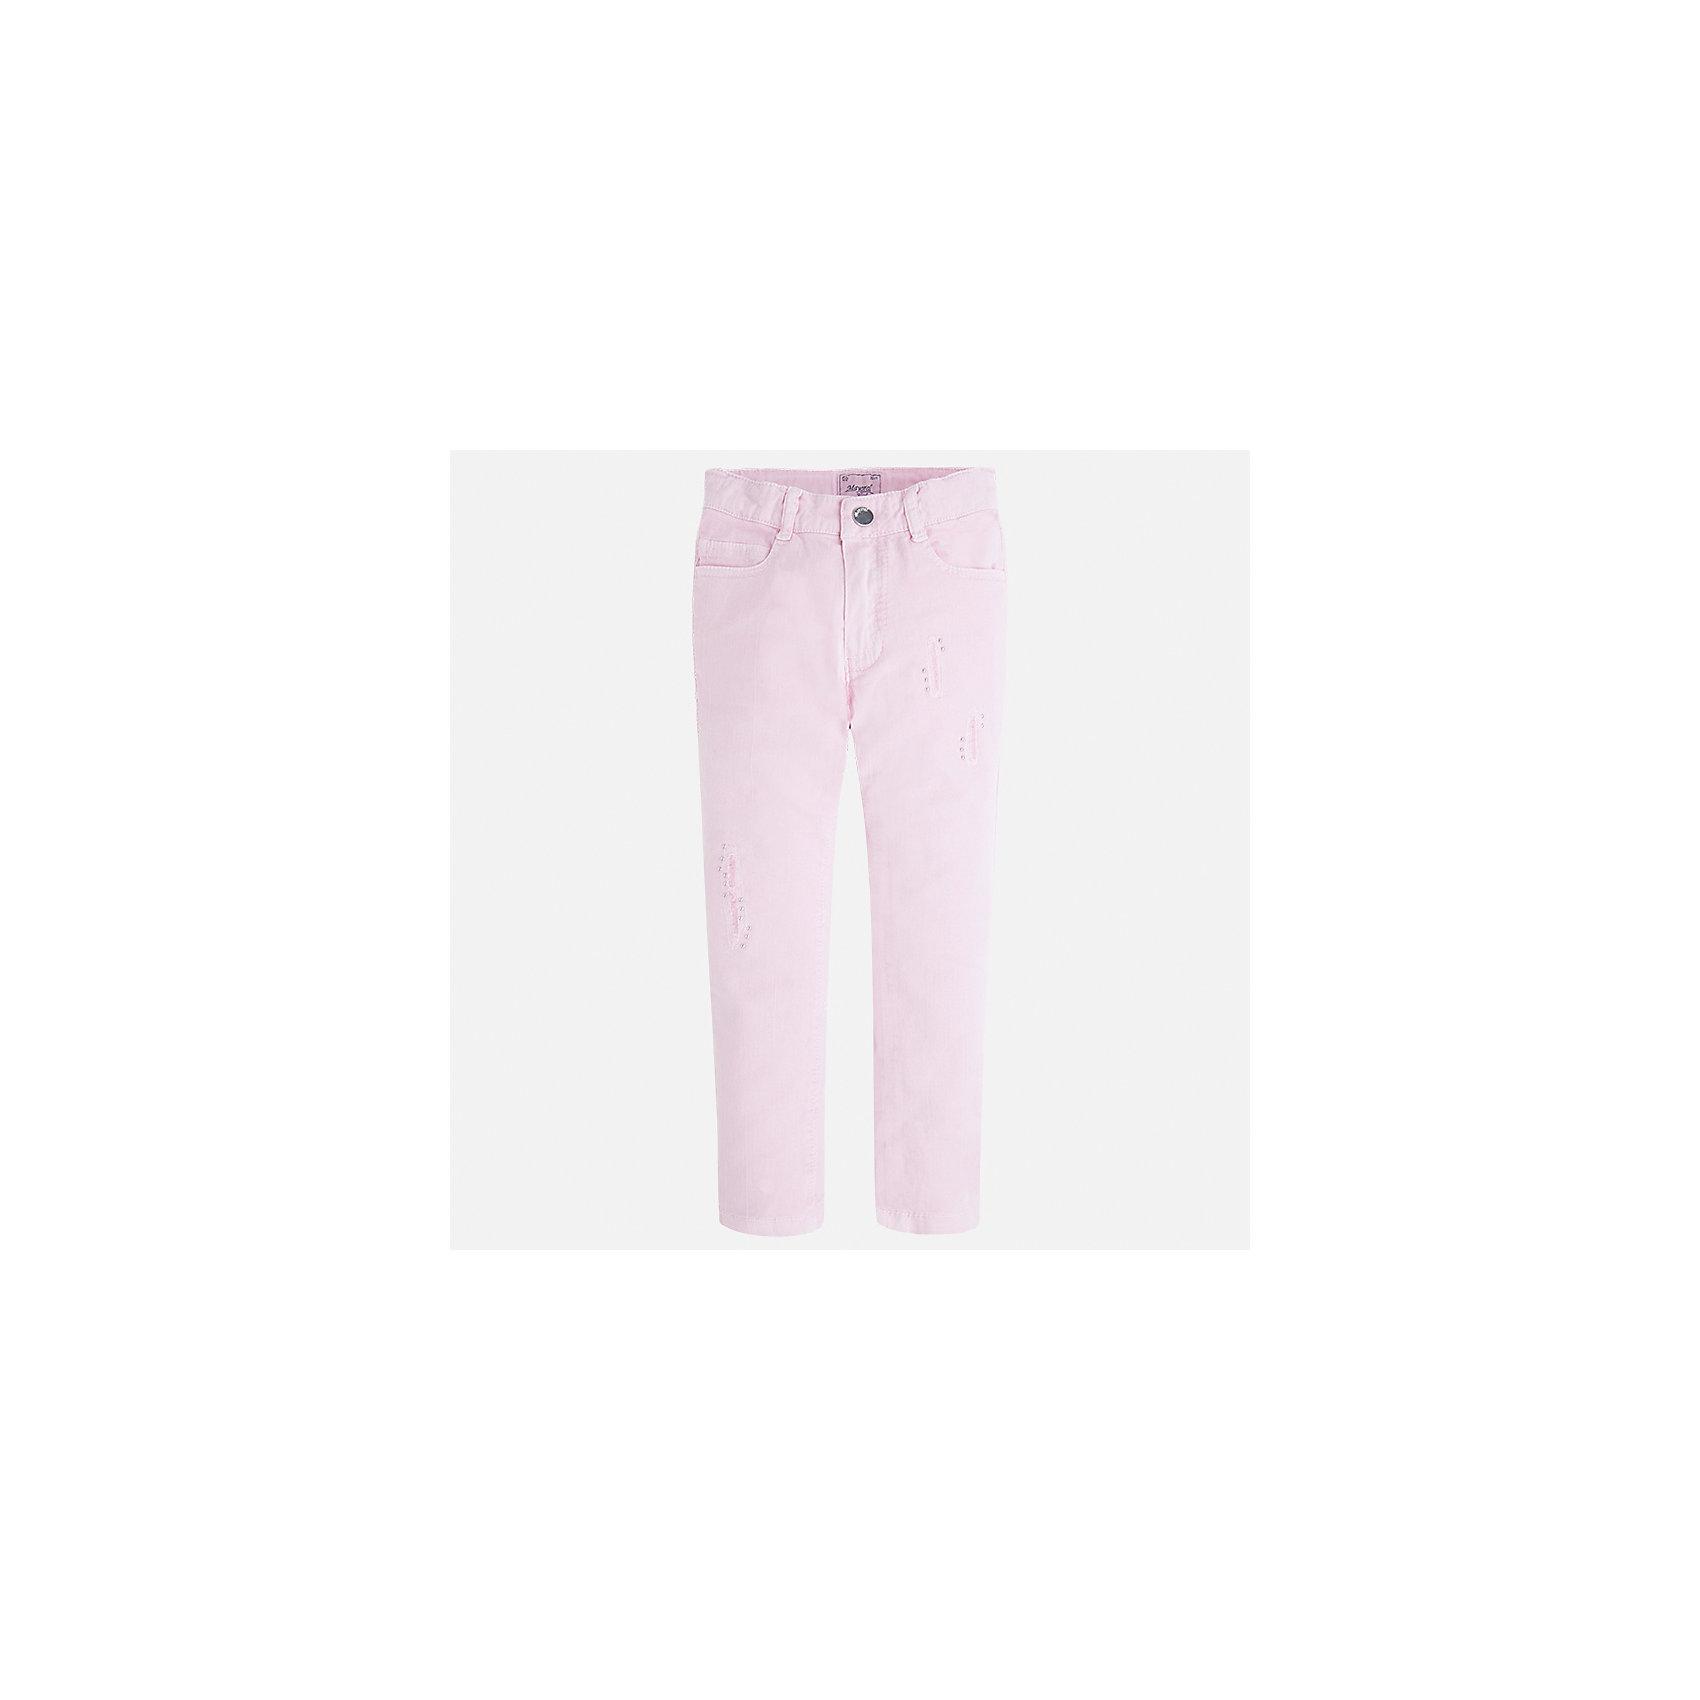 Брюки для девочки MayoralБрюки<br>Характеристики товара:<br><br>• цвет: розовый<br>• состав: 98% хлопок, 2% эластан<br>• шлевки<br>• карманы<br>• пояс с регулировкой объема<br>• прямой силуэт<br>• коллекция: весна-лето 2017<br>• страна бренда: Испания<br><br>Модные легкие брюки для девочки смогут разнообразить гардероб ребенка и украсить наряд. Интересный крой модели делает её нарядной и оригинальной. <br><br>Брюки для девочки от испанского бренда Mayoral (Майорал) можно купить в нашем интернет-магазине.<br><br>Ширина мм: 215<br>Глубина мм: 88<br>Высота мм: 191<br>Вес г: 336<br>Цвет: лиловый<br>Возраст от месяцев: 24<br>Возраст до месяцев: 36<br>Пол: Женский<br>Возраст: Детский<br>Размер: 98,116,122,104,110<br>SKU: 5587452